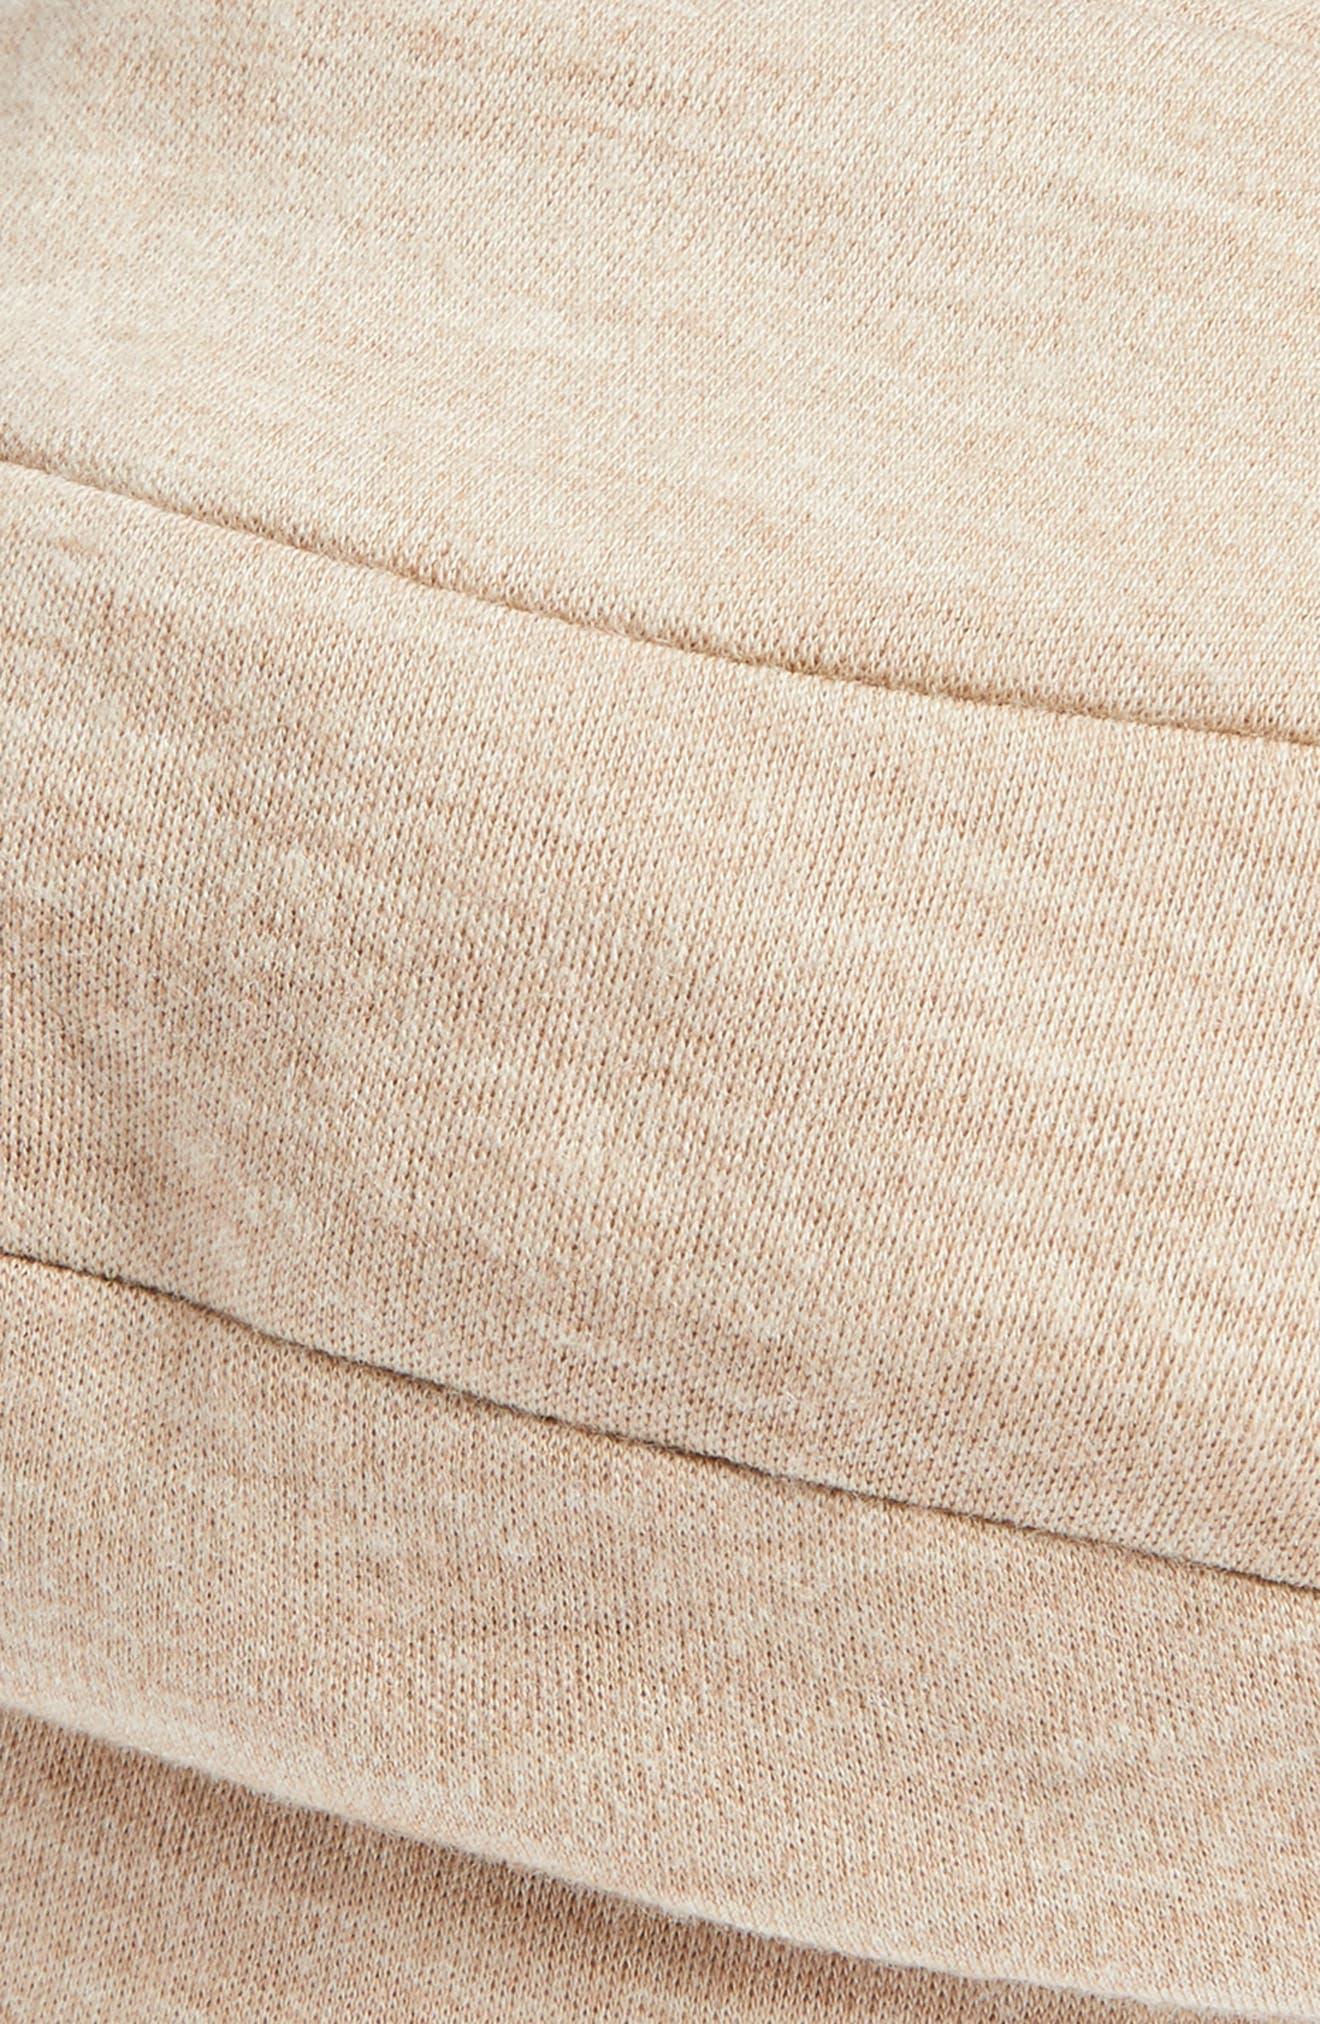 Wool Blend Jersey Beret,                             Alternate thumbnail 2, color,                             Camel Melange